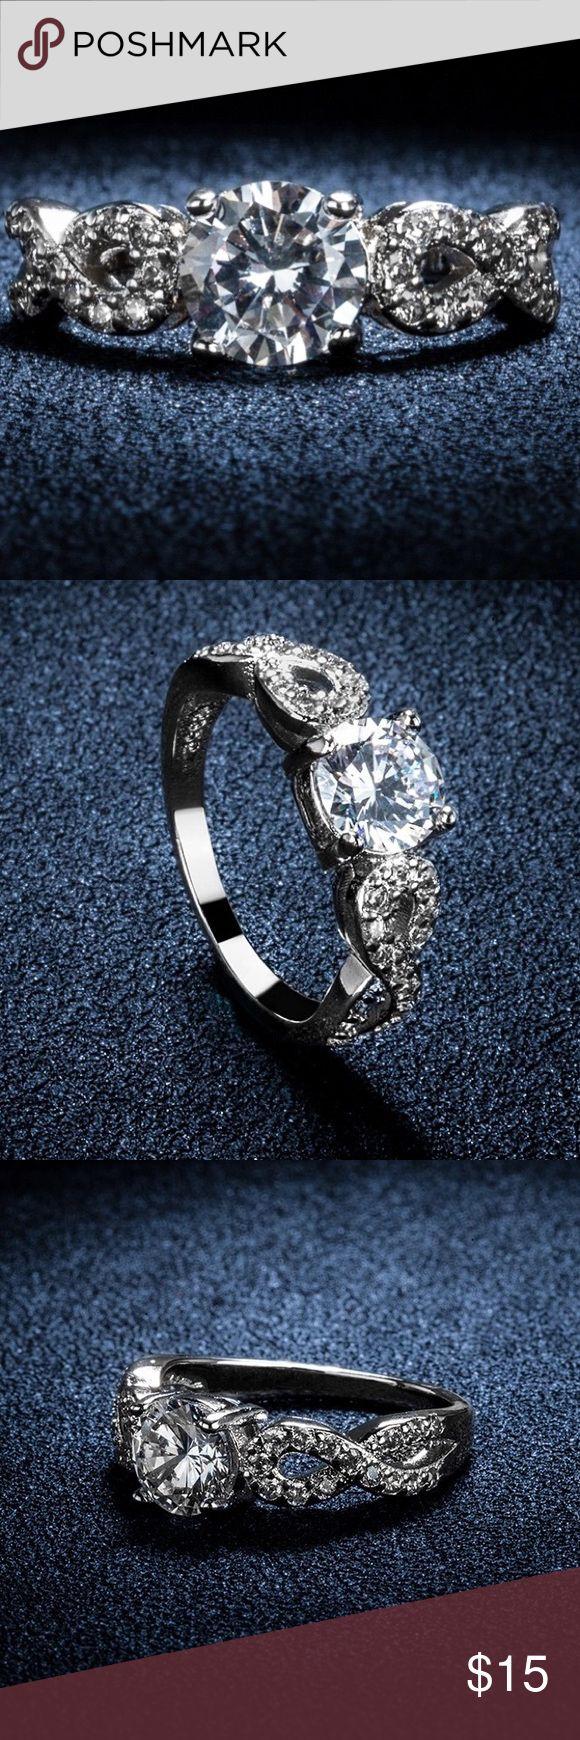 Selling this Stylish ring size 8! on Poshmark! My username is: dinai88. #shopmycloset #poshmark #fashion #shopping #style #forsale #Jewelry